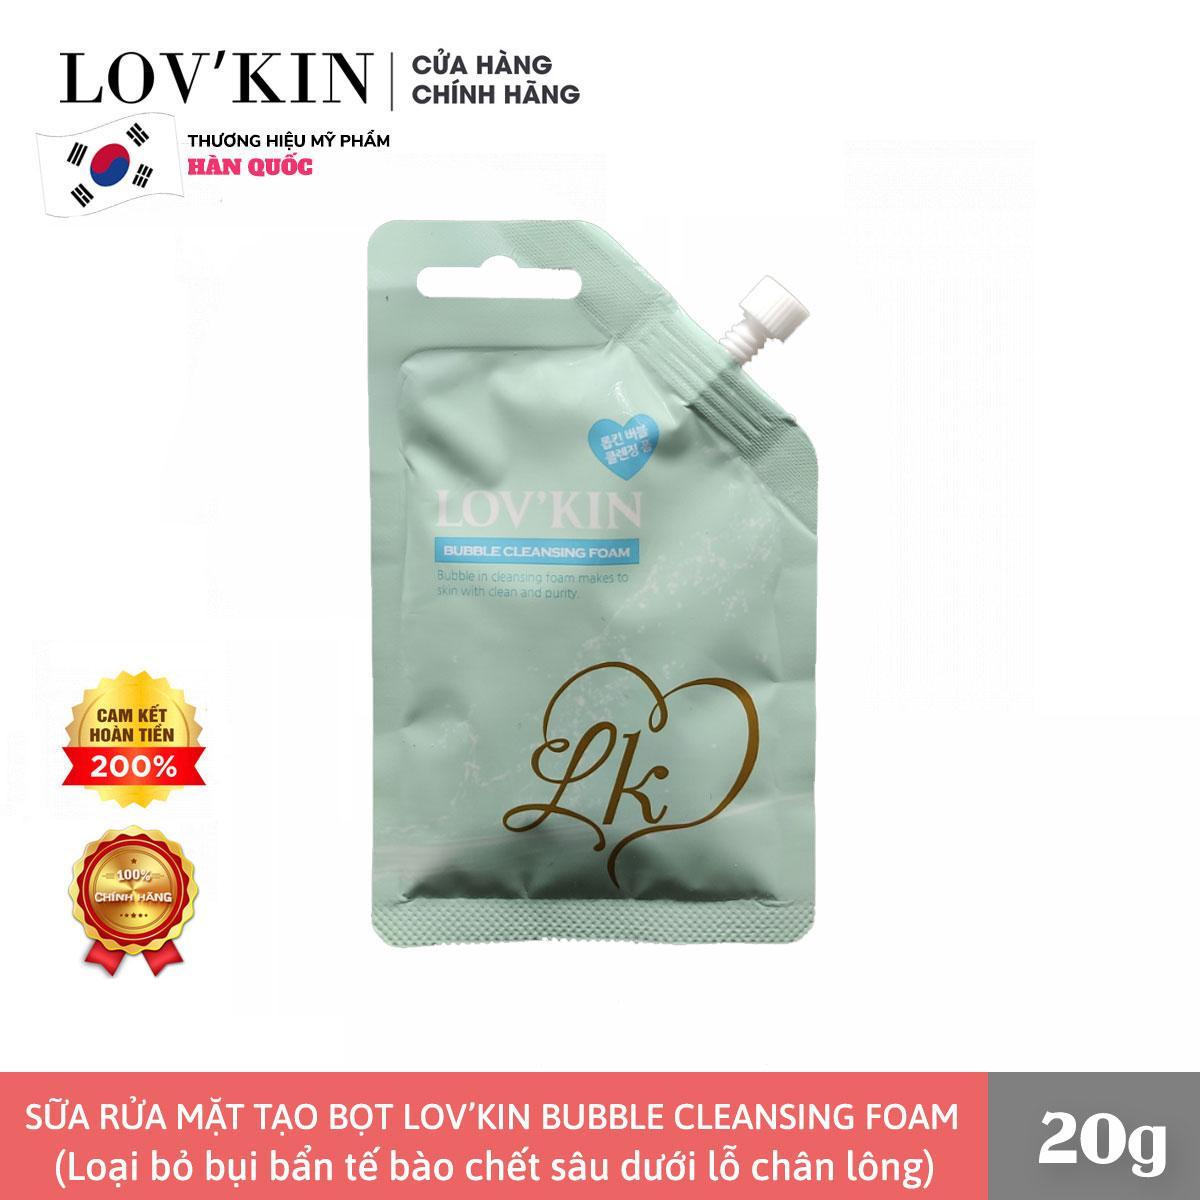 Sữa Rửa Mặt Tạo Bọt LOVKIN Bubble Cleansing Foam (Gói mini 20g)